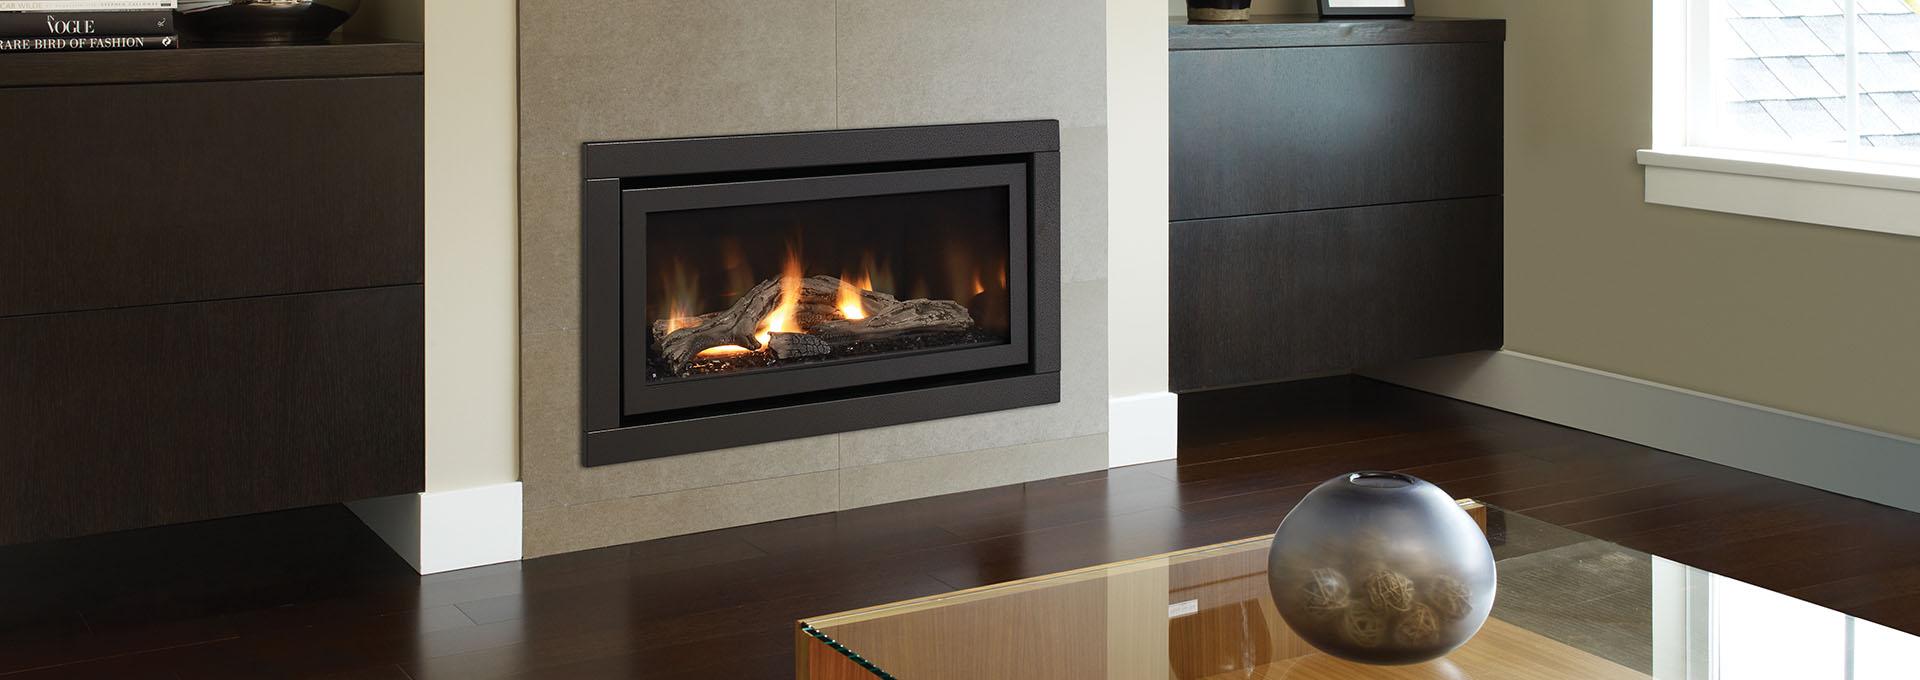 regency horizon hz30e gas fireplace contemporary u0026 modern gas